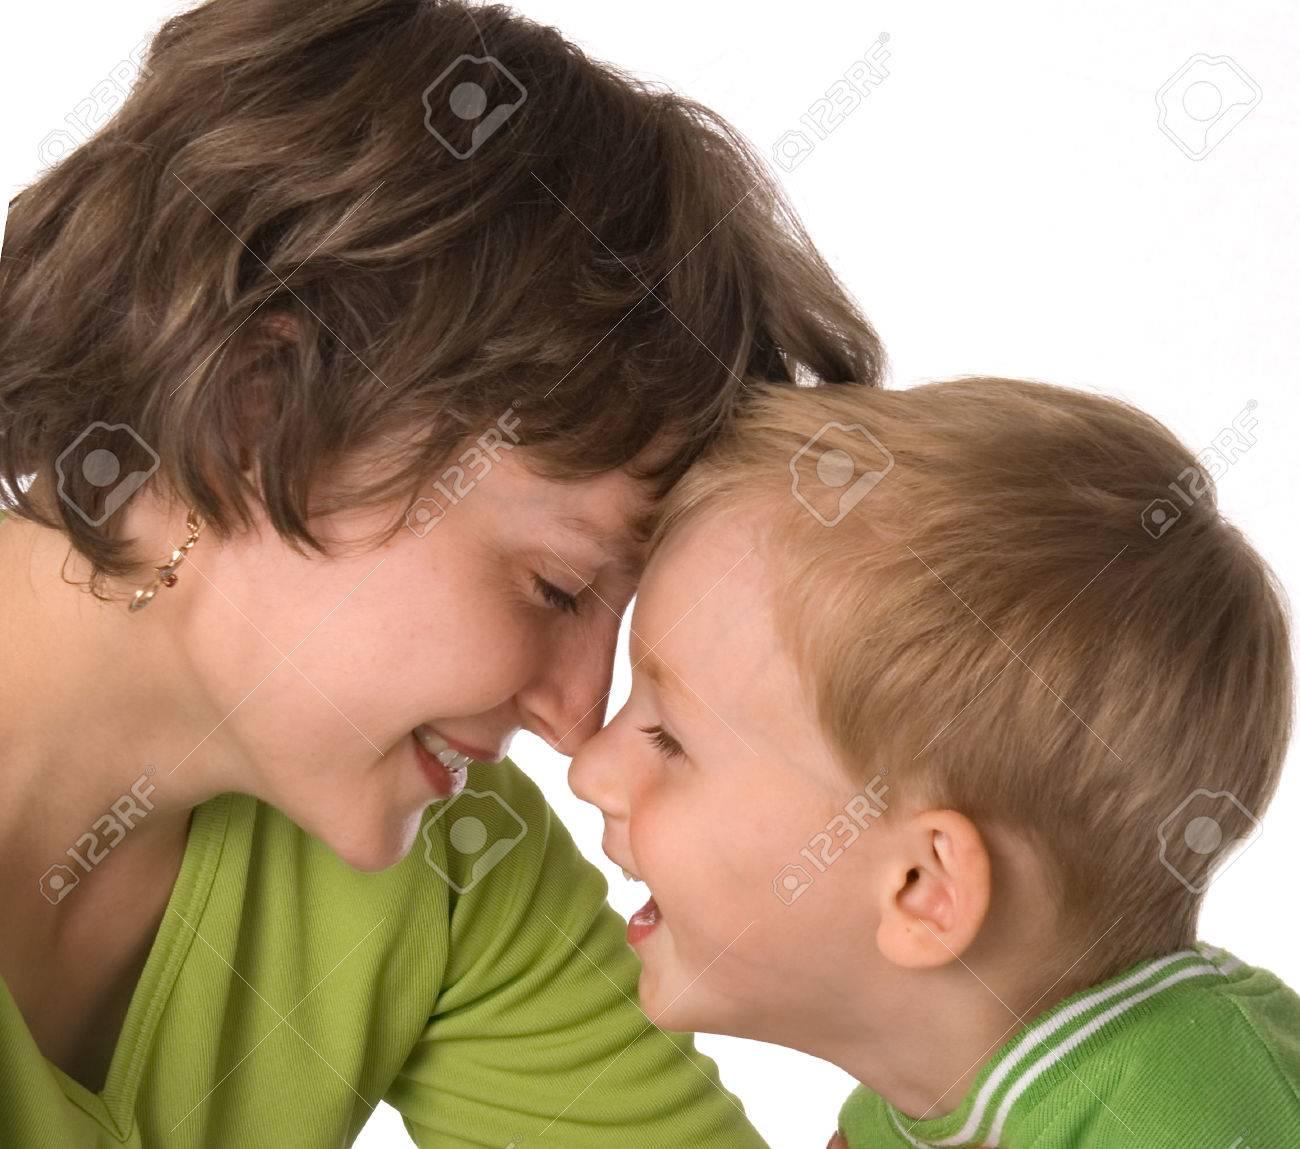 С мама сыну 27 фотография